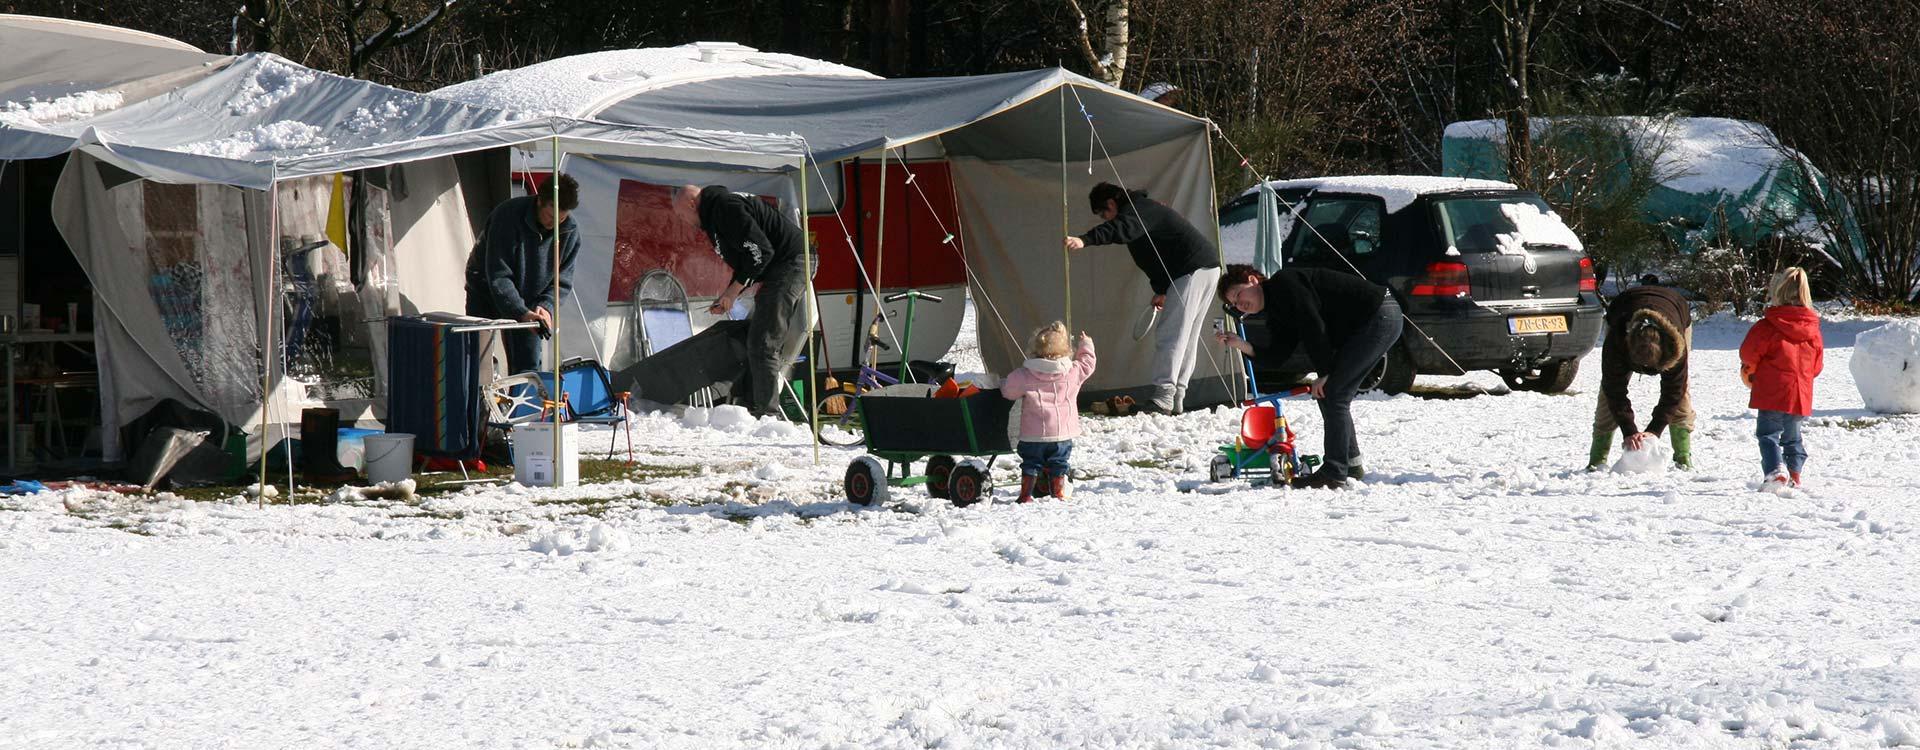 ook-in-de-winter-natuurlijk-heerlijk-kamperen-bij-de-drenthe-campings